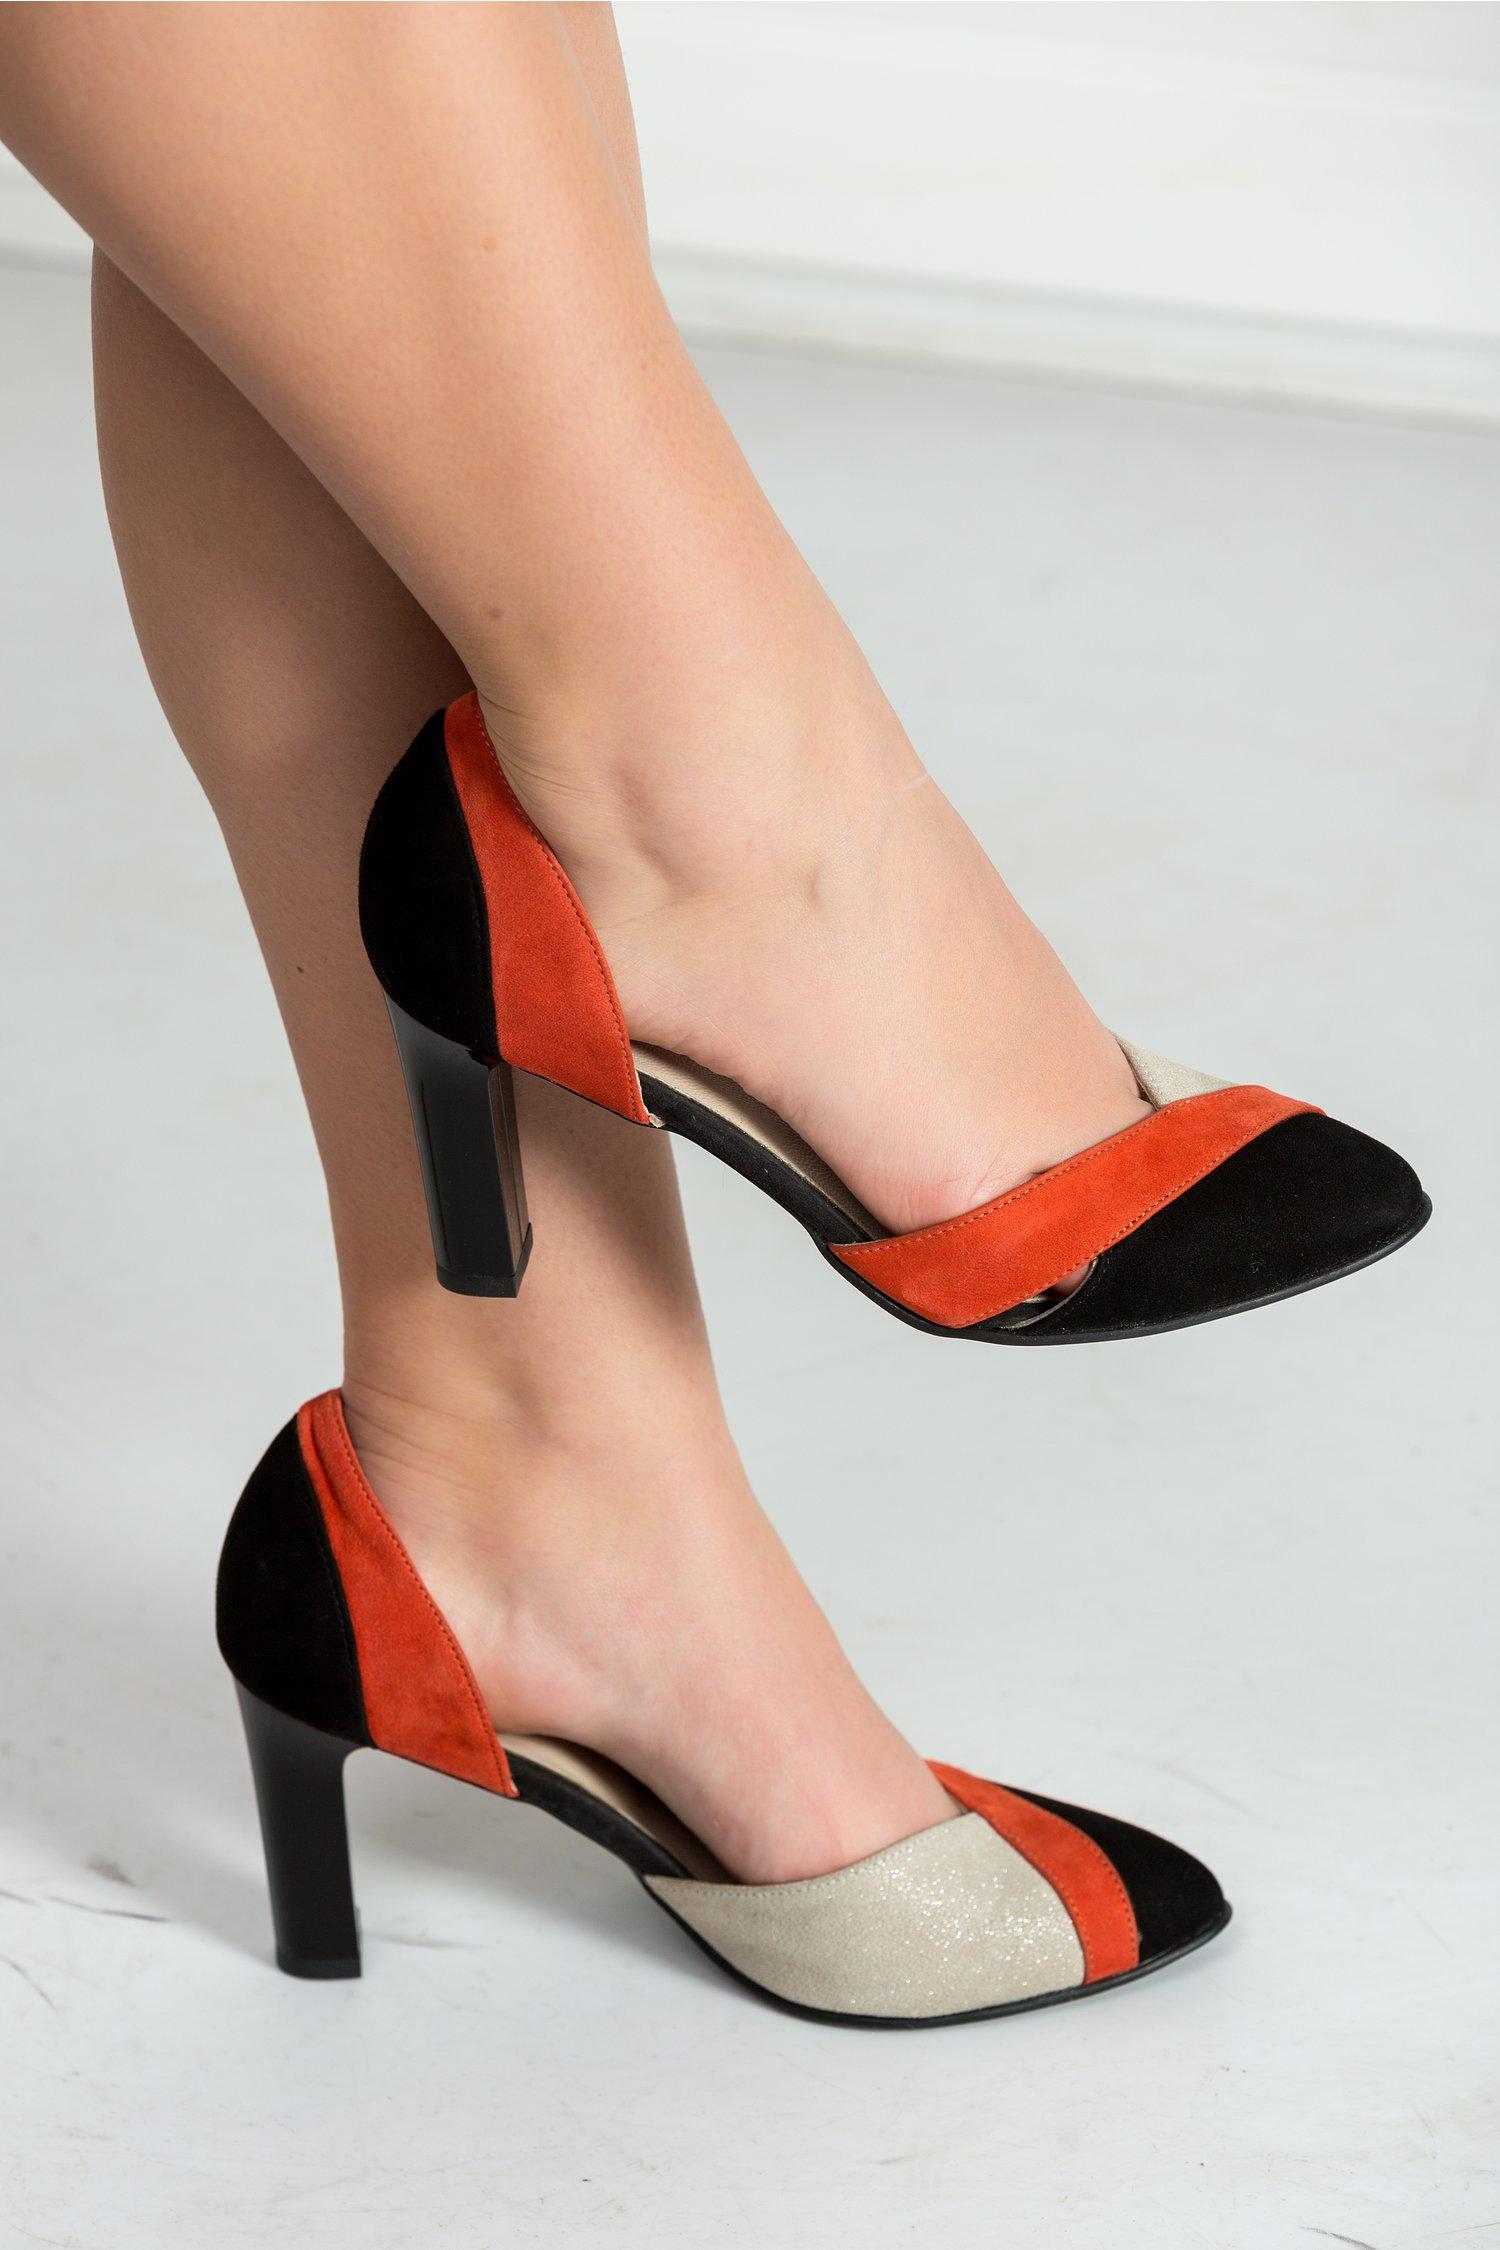 Pantofi Elisa negru oranj cu decupaje de ocazie